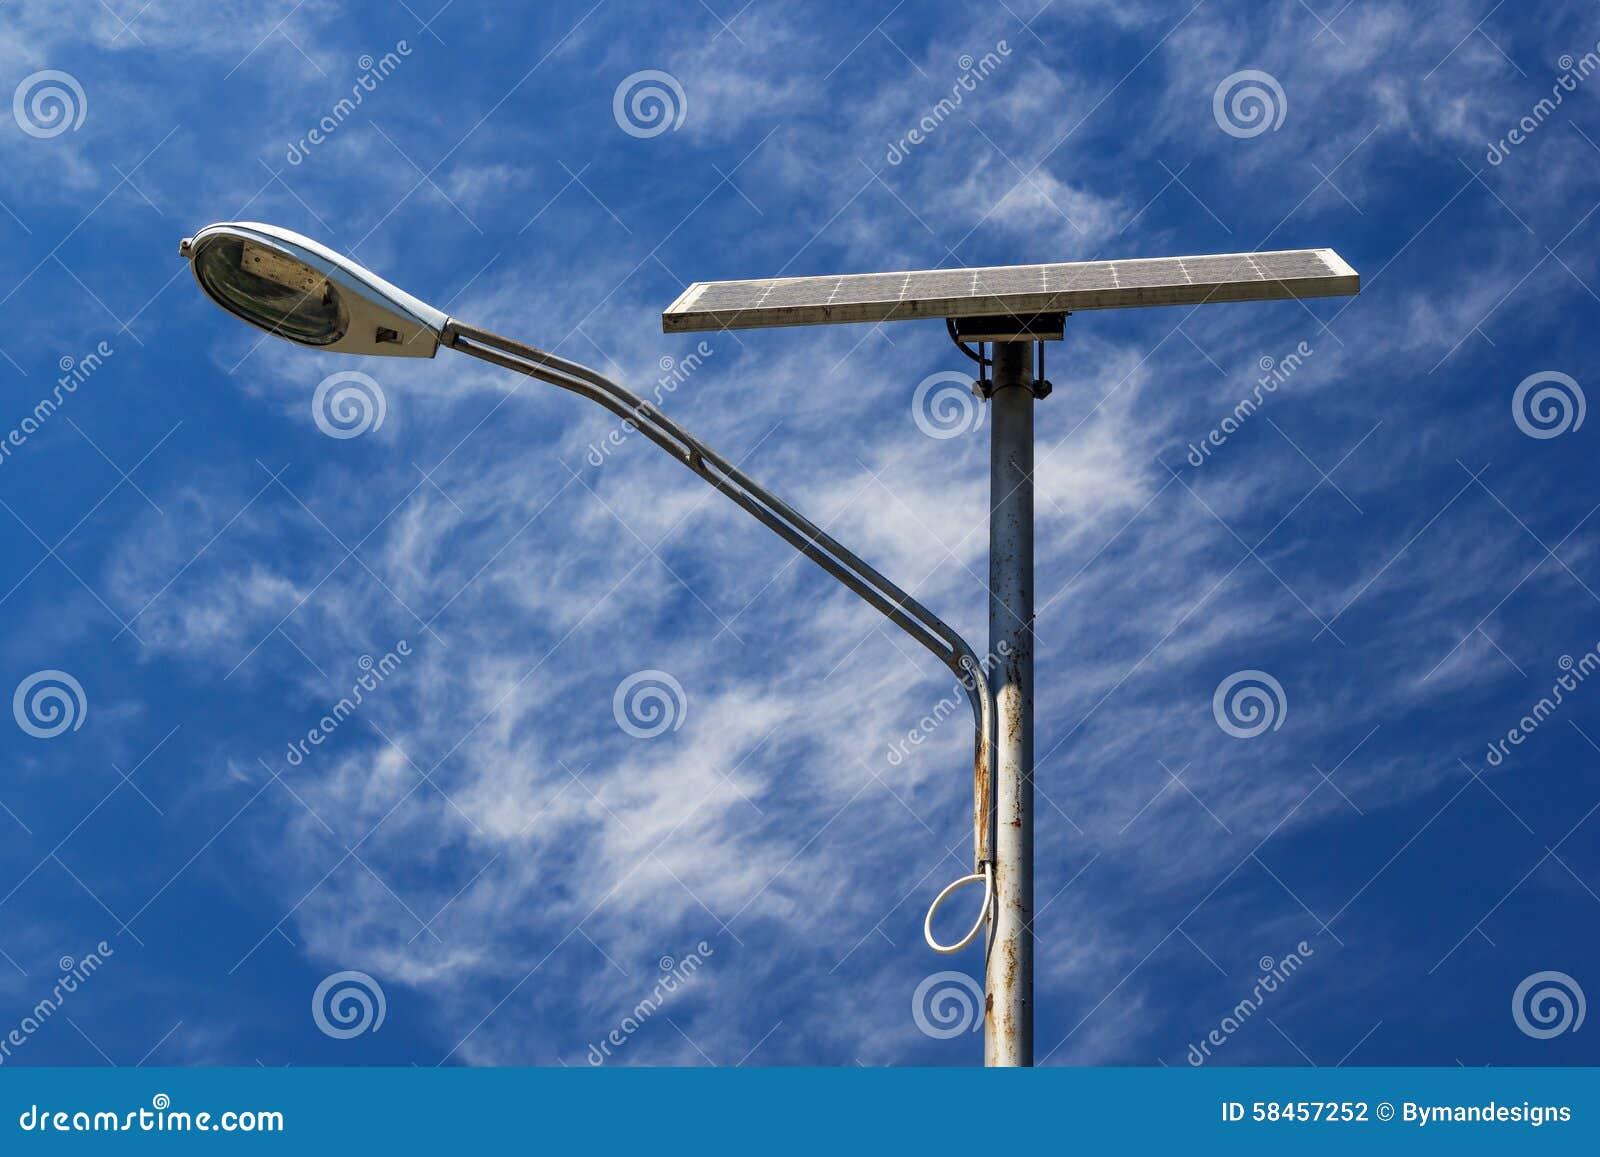 Angetriebenes Straßenlaterne Solar Mit Blauem Himmel Und Wolken ...